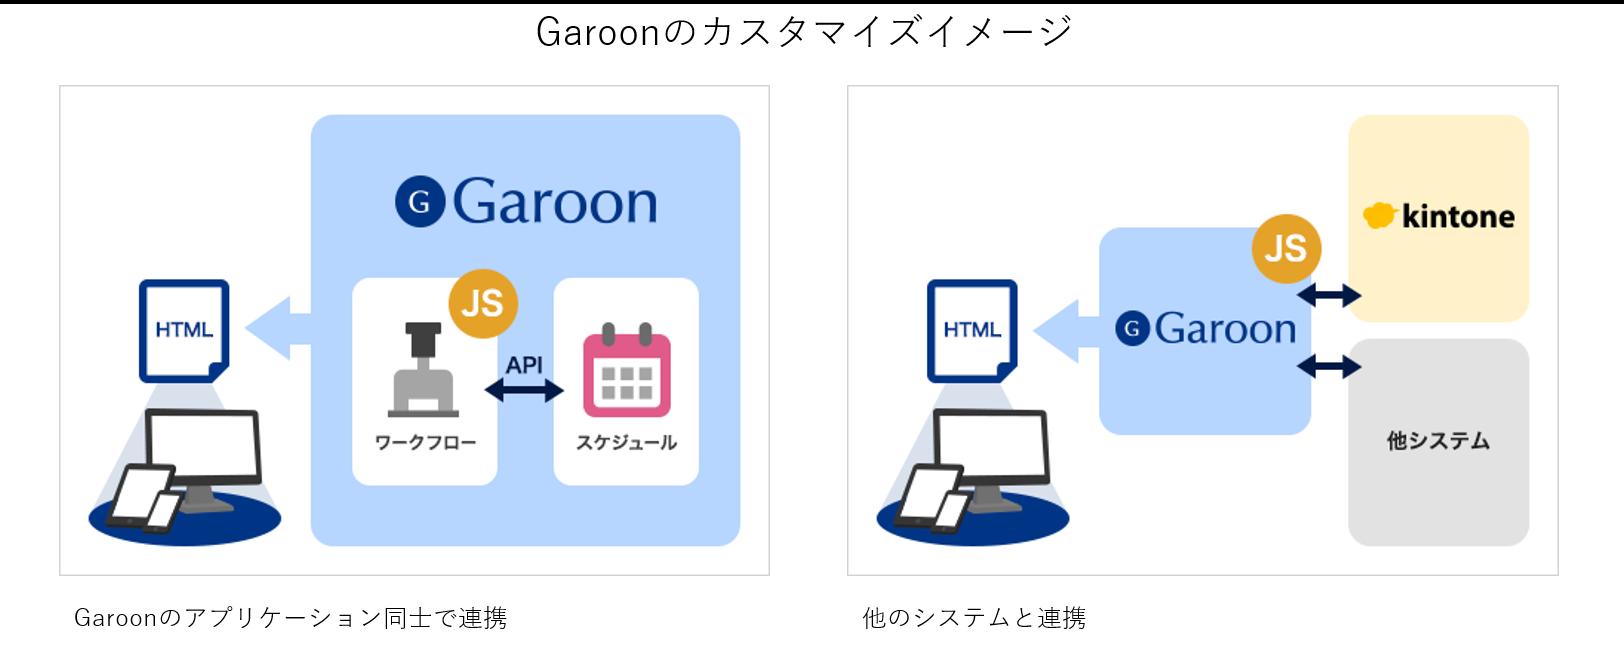 https://enterprise.cybozu.co.jp/74036ac5c6fcfbb817b88dc4123870dd930ef903.png